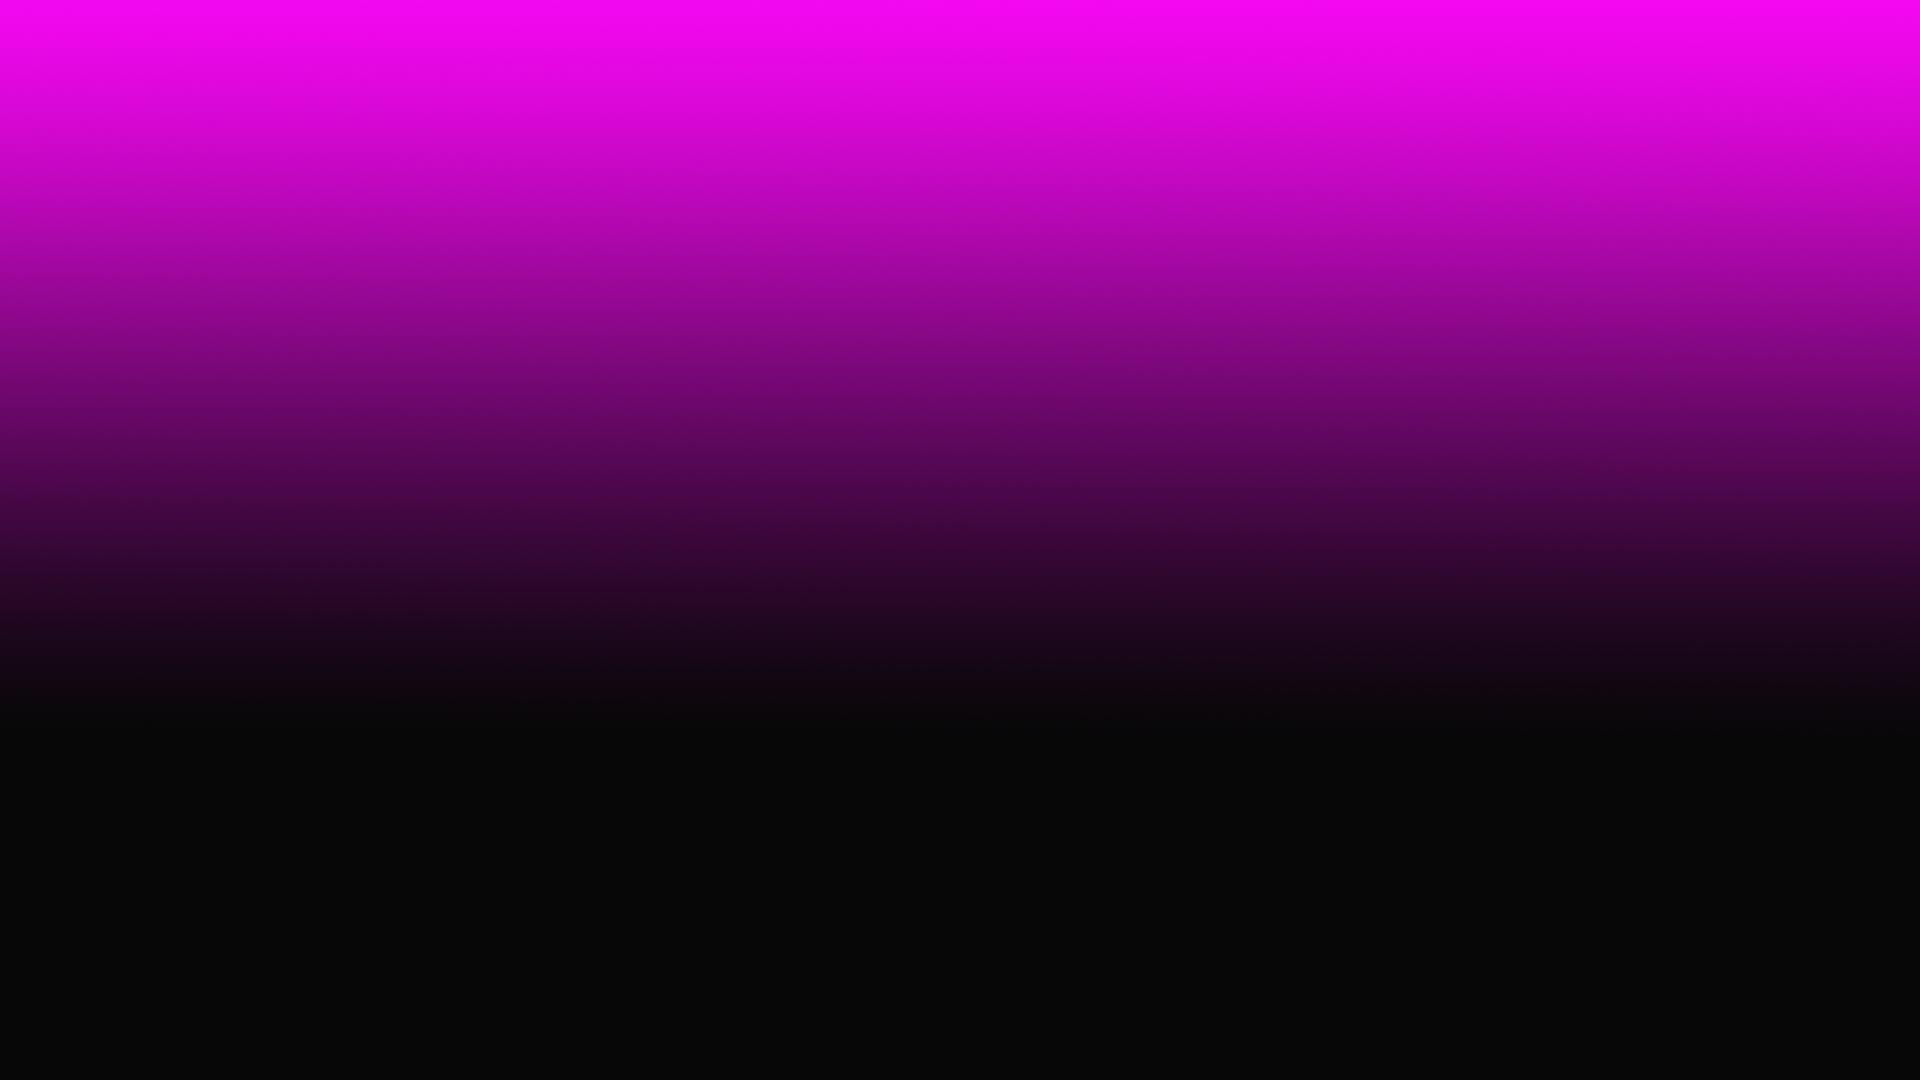 19201080 Pink and Black Gradient Desktop Wallpaper 1920x1080